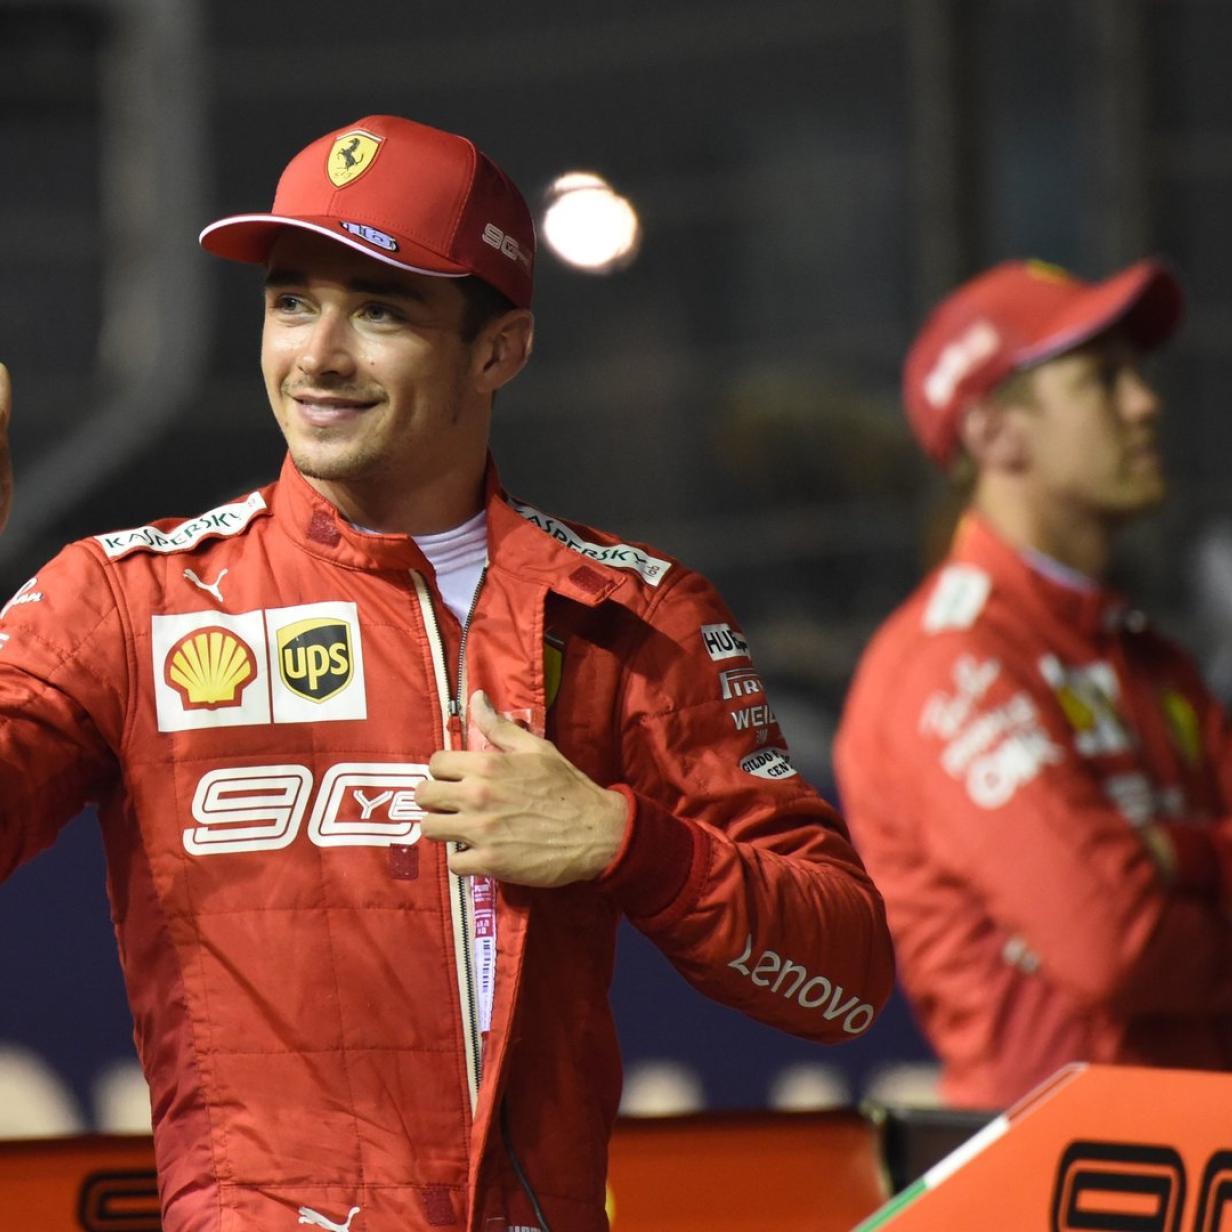 Warum die Formel-1-Saison 2020 eine echte Hetz-(jagd) wird